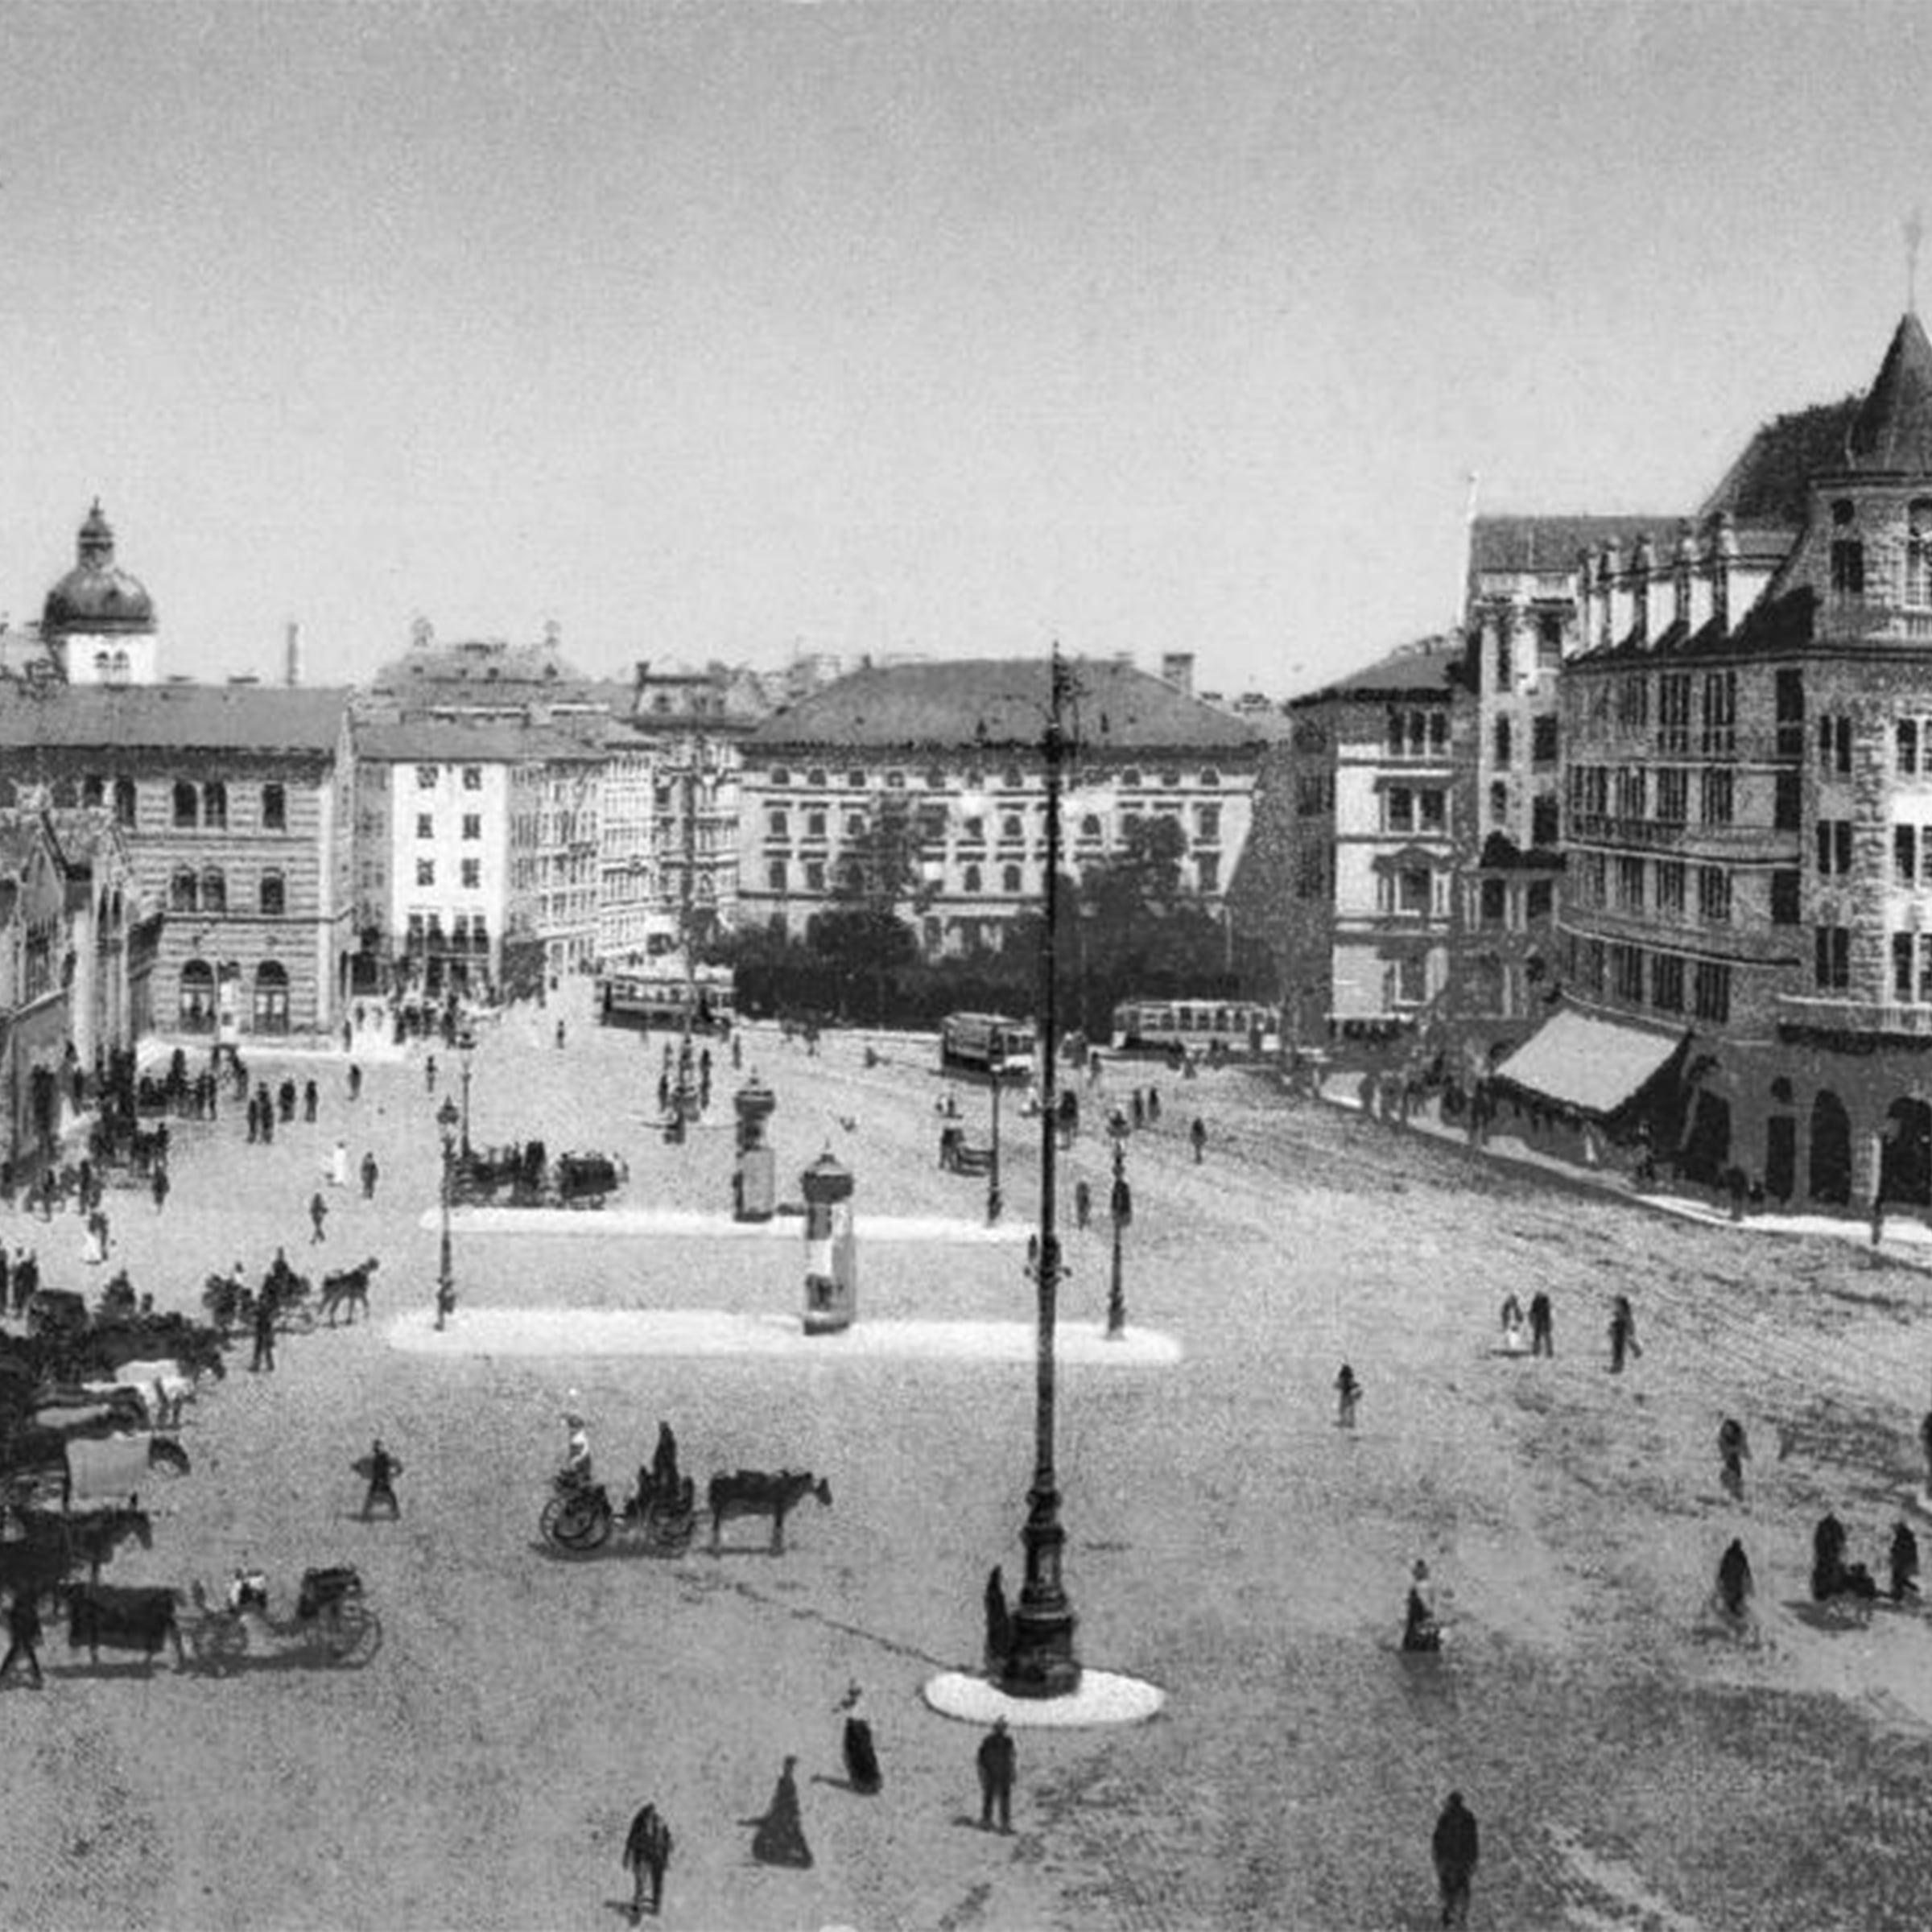 Schwarzweiß Foto vom Bahnhofsplatz mit dem Warenhaus Tietz um 1910